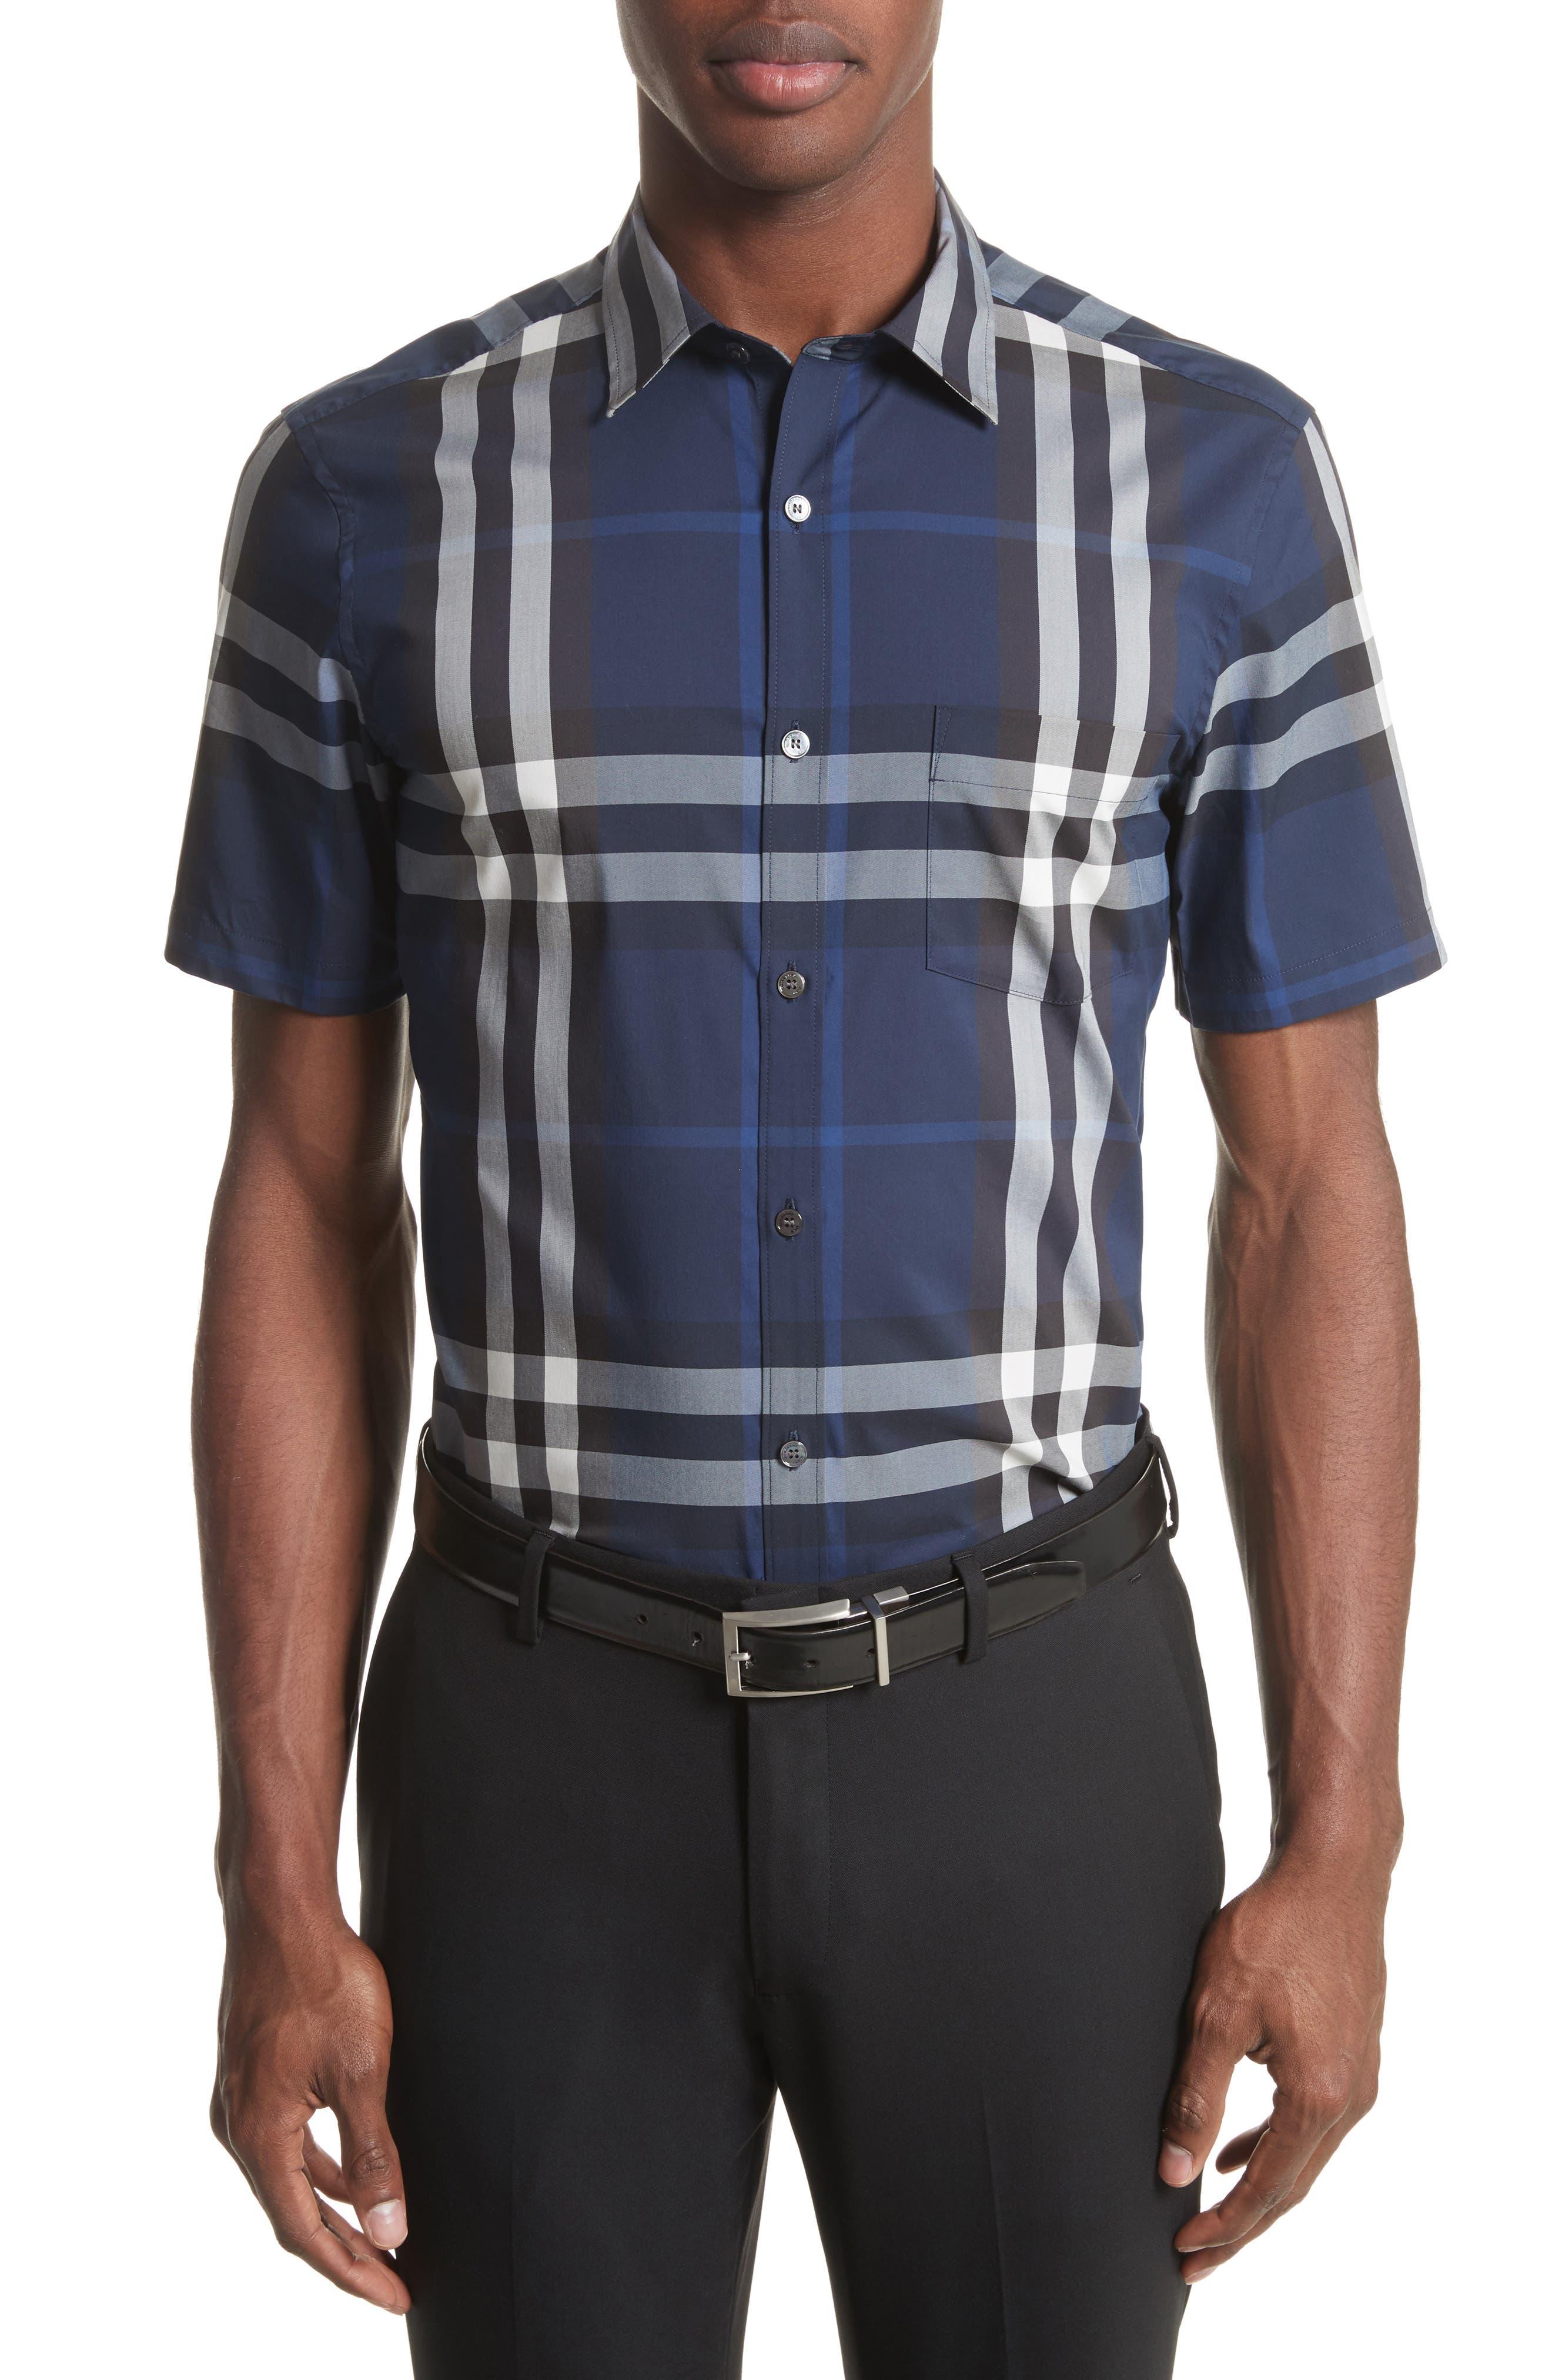 Nelson Trim Fit Plaid Sport Shirt,                             Main thumbnail 1, color,                             Indigo Blue